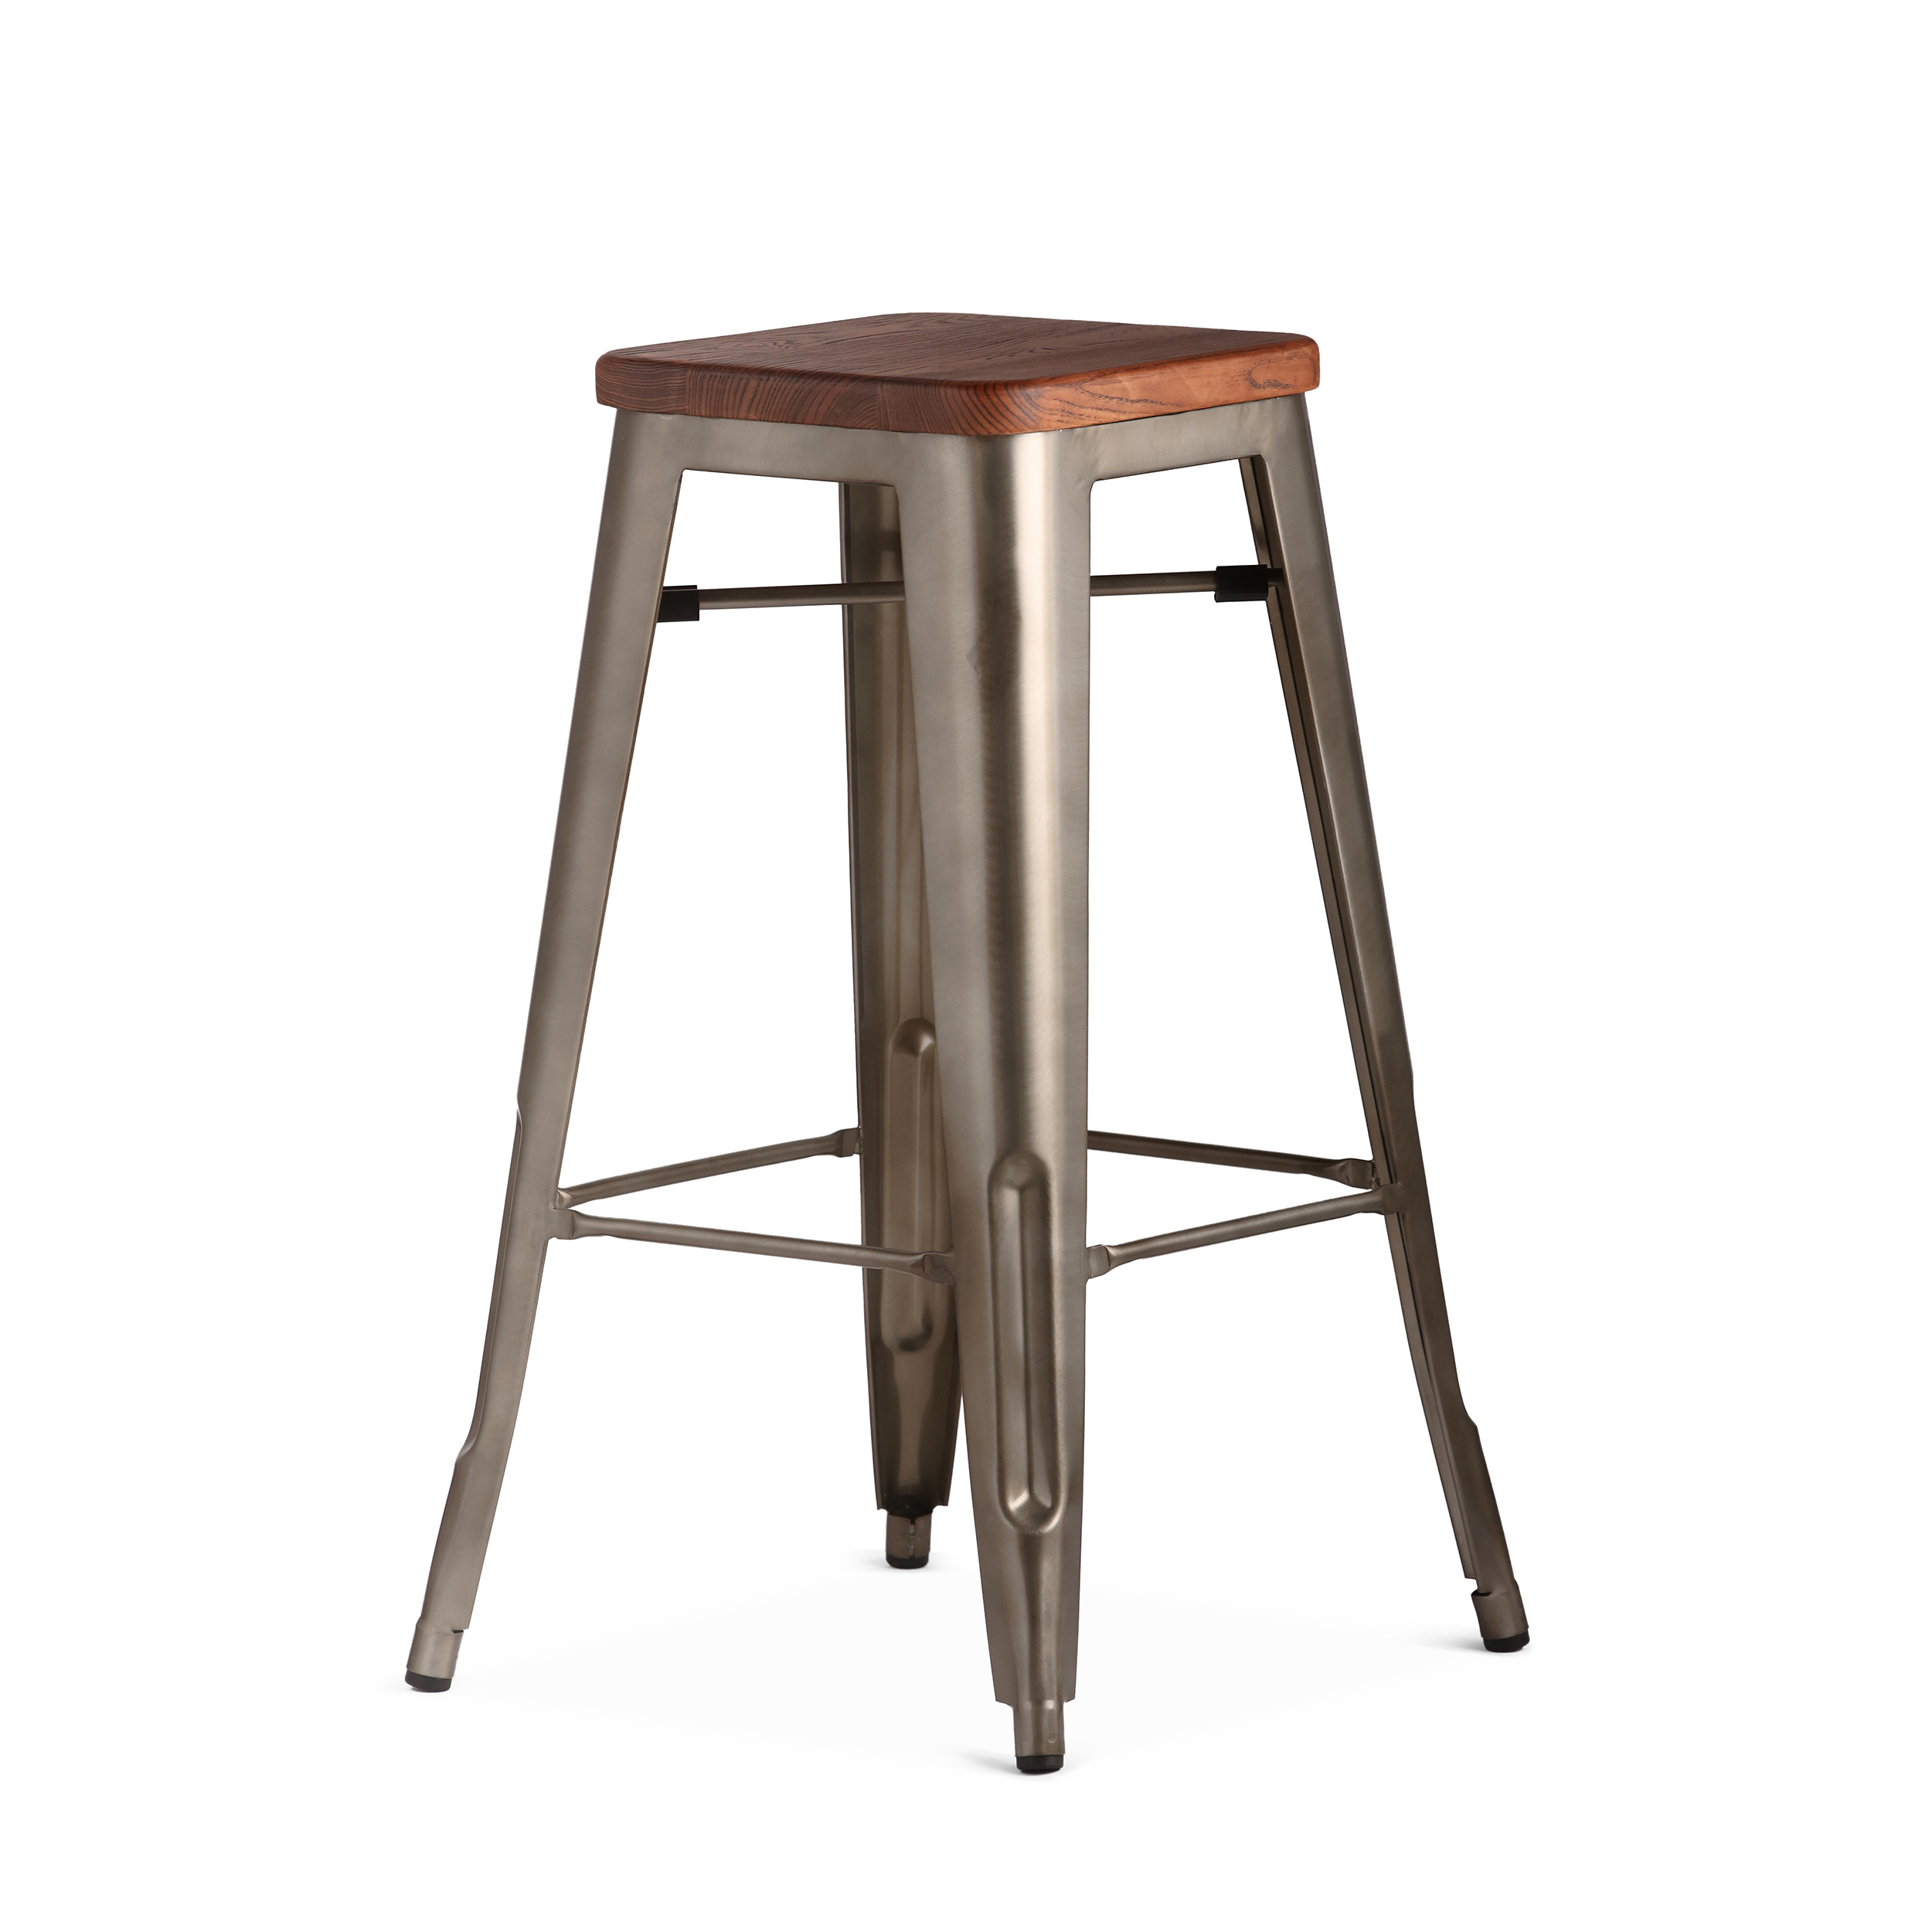 Барный стул Marais 2Барные<br>Дизайнерский высокий барный стул Marais 2 (Марэй) с деревянным сиденьем от Cosmo (Космо). <br>Как и любой элемент мебельной коллекции Marais, данная модель стула обладает высокой прочностью. Дизайн всей линейки изготовлен в едином индустриальном стиле. Каждый элемент конструкции и материал соответствуют стилю, который в последнее время становится все популярнее.<br><br> Оригинальный барный стул Marais 2 — отличный вариант для декорирования кухни в различных современных стилях, среди которых лофт, с...<br><br>stock: 0<br>Высота: 75<br>Ширина: 44<br>Глубина: 44<br>Тип материала каркаса: Сталь<br>Материал сидения: Массив ивы<br>Цвет сидения: Темно-коричневый<br>Тип материала сидения: Дерево<br>Цвет каркаса: Бронза пушечная